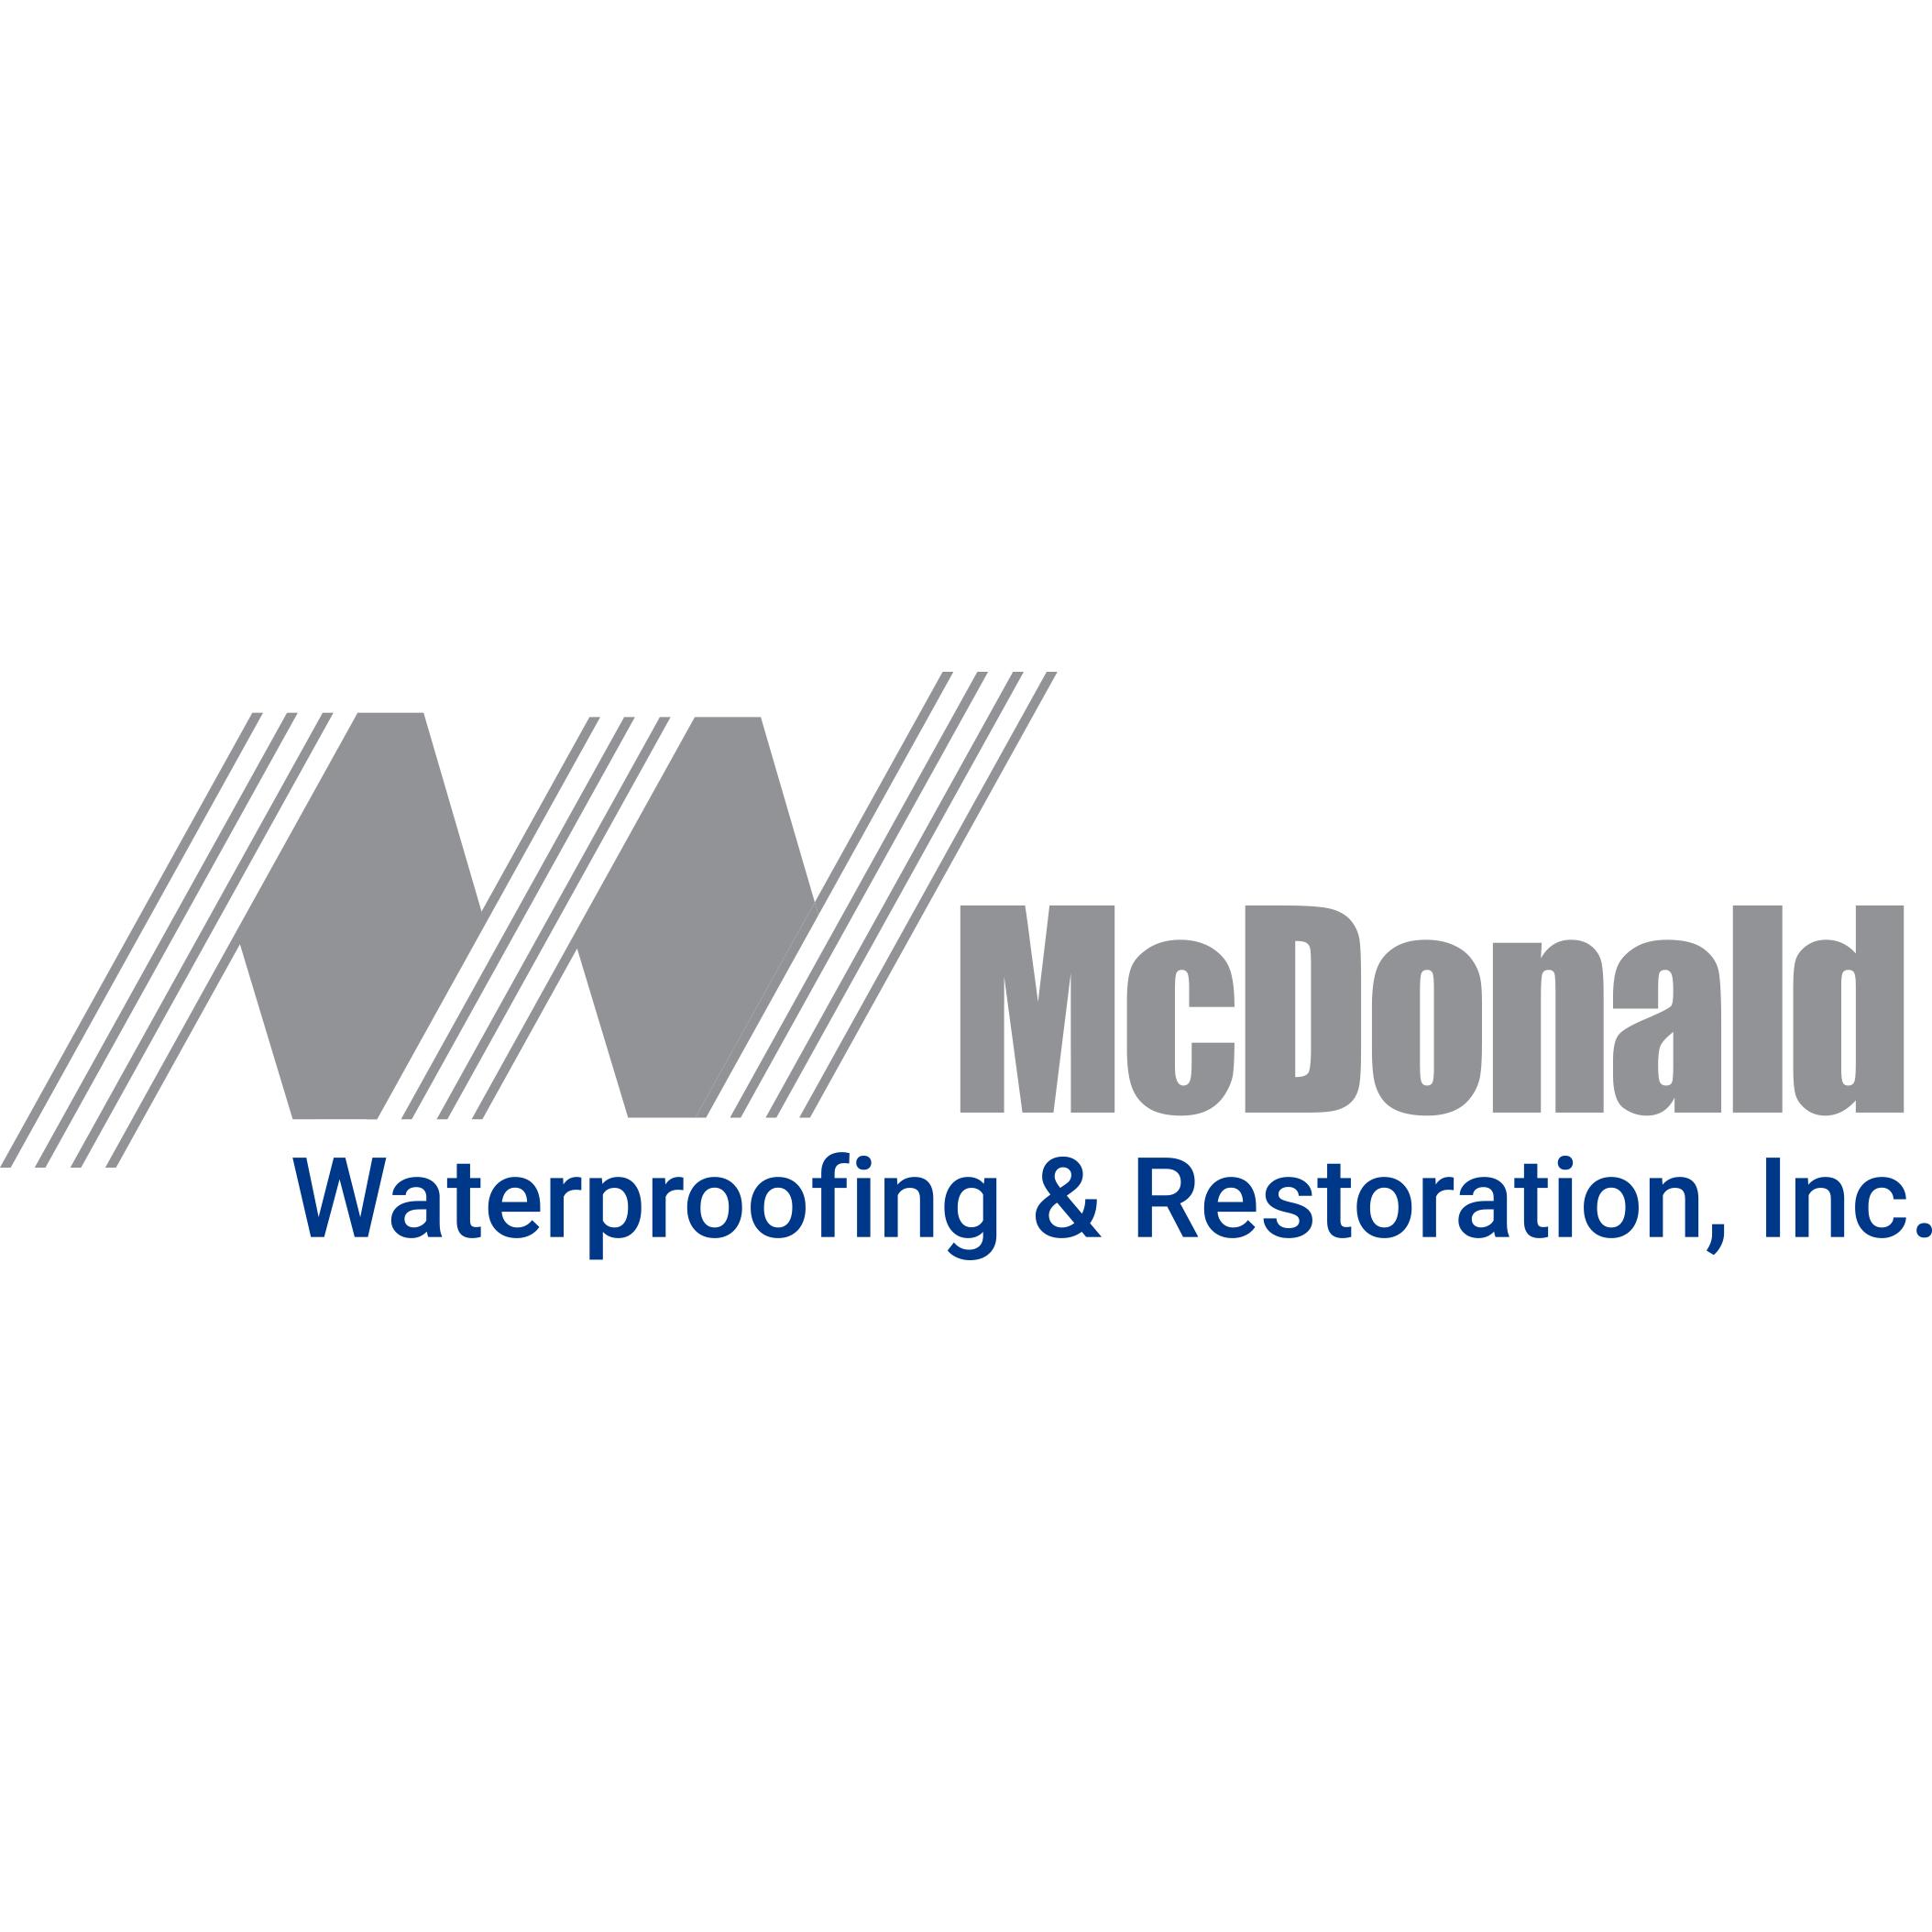 McDonald Waterproofing & Restoration